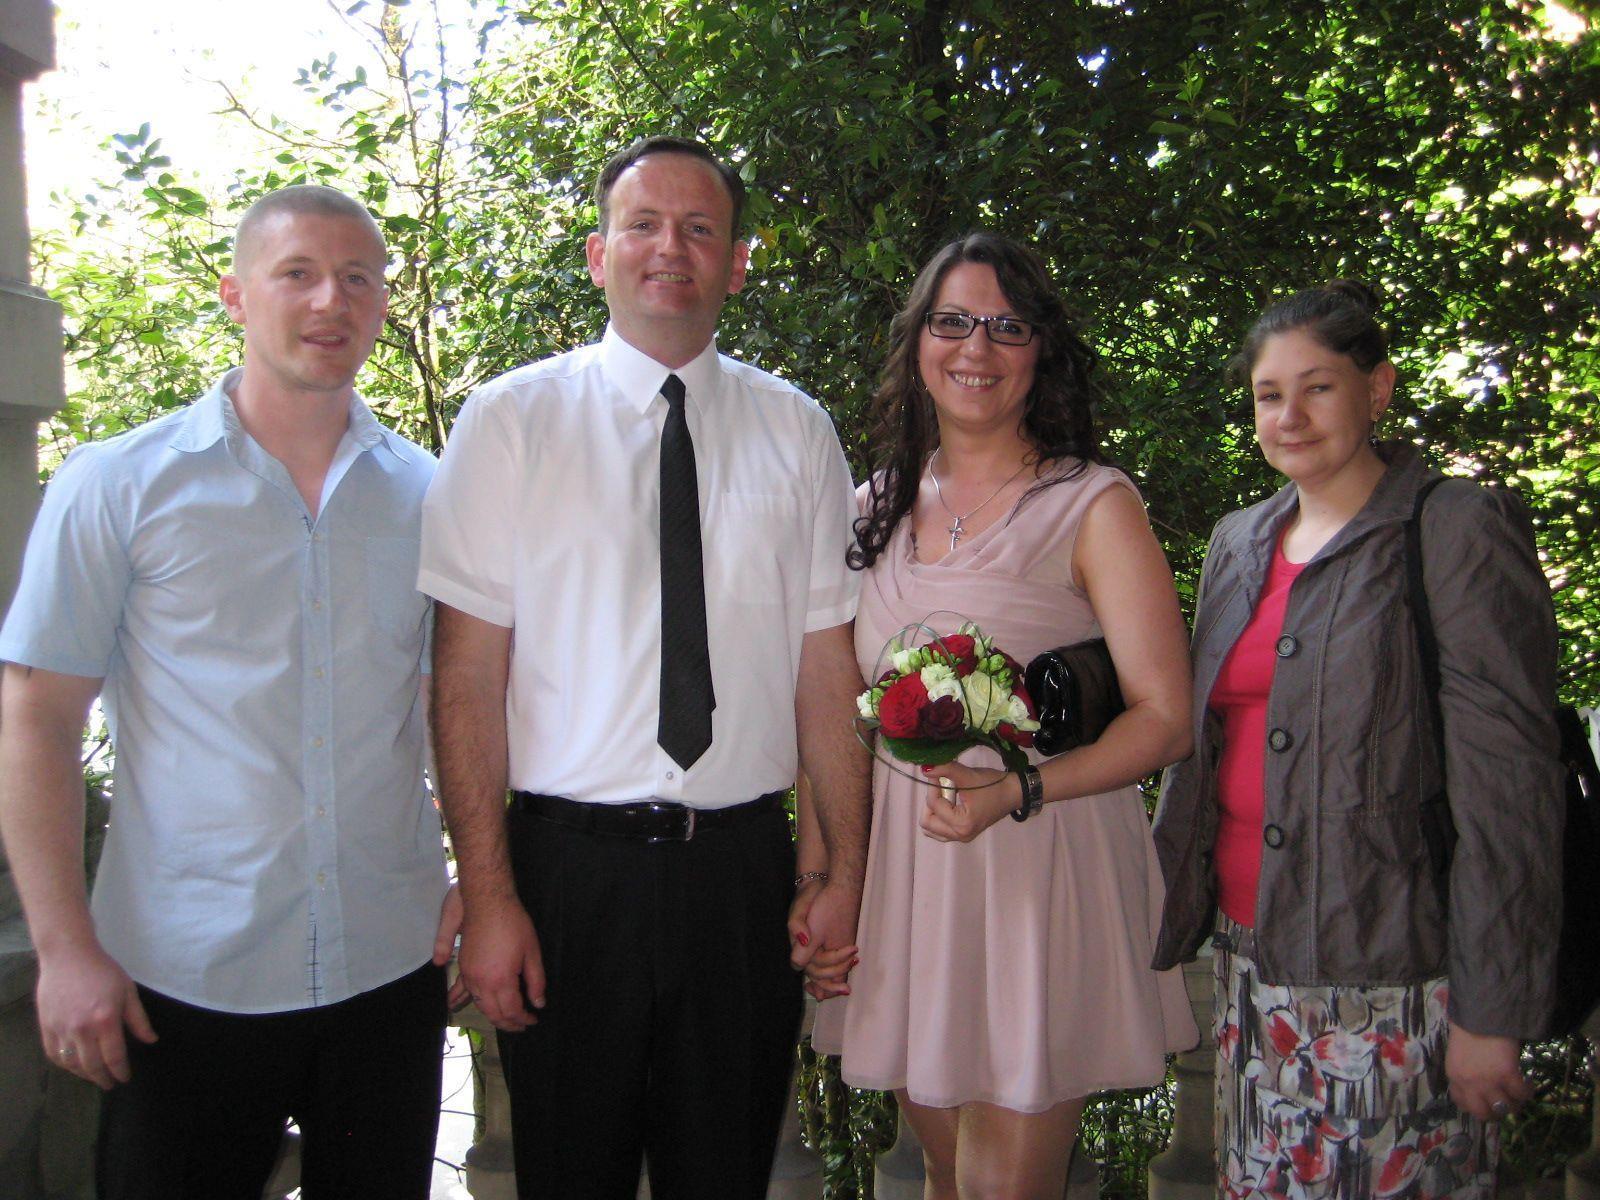 Biljana Cekic und Ivica Sutalo haben geheiratet.